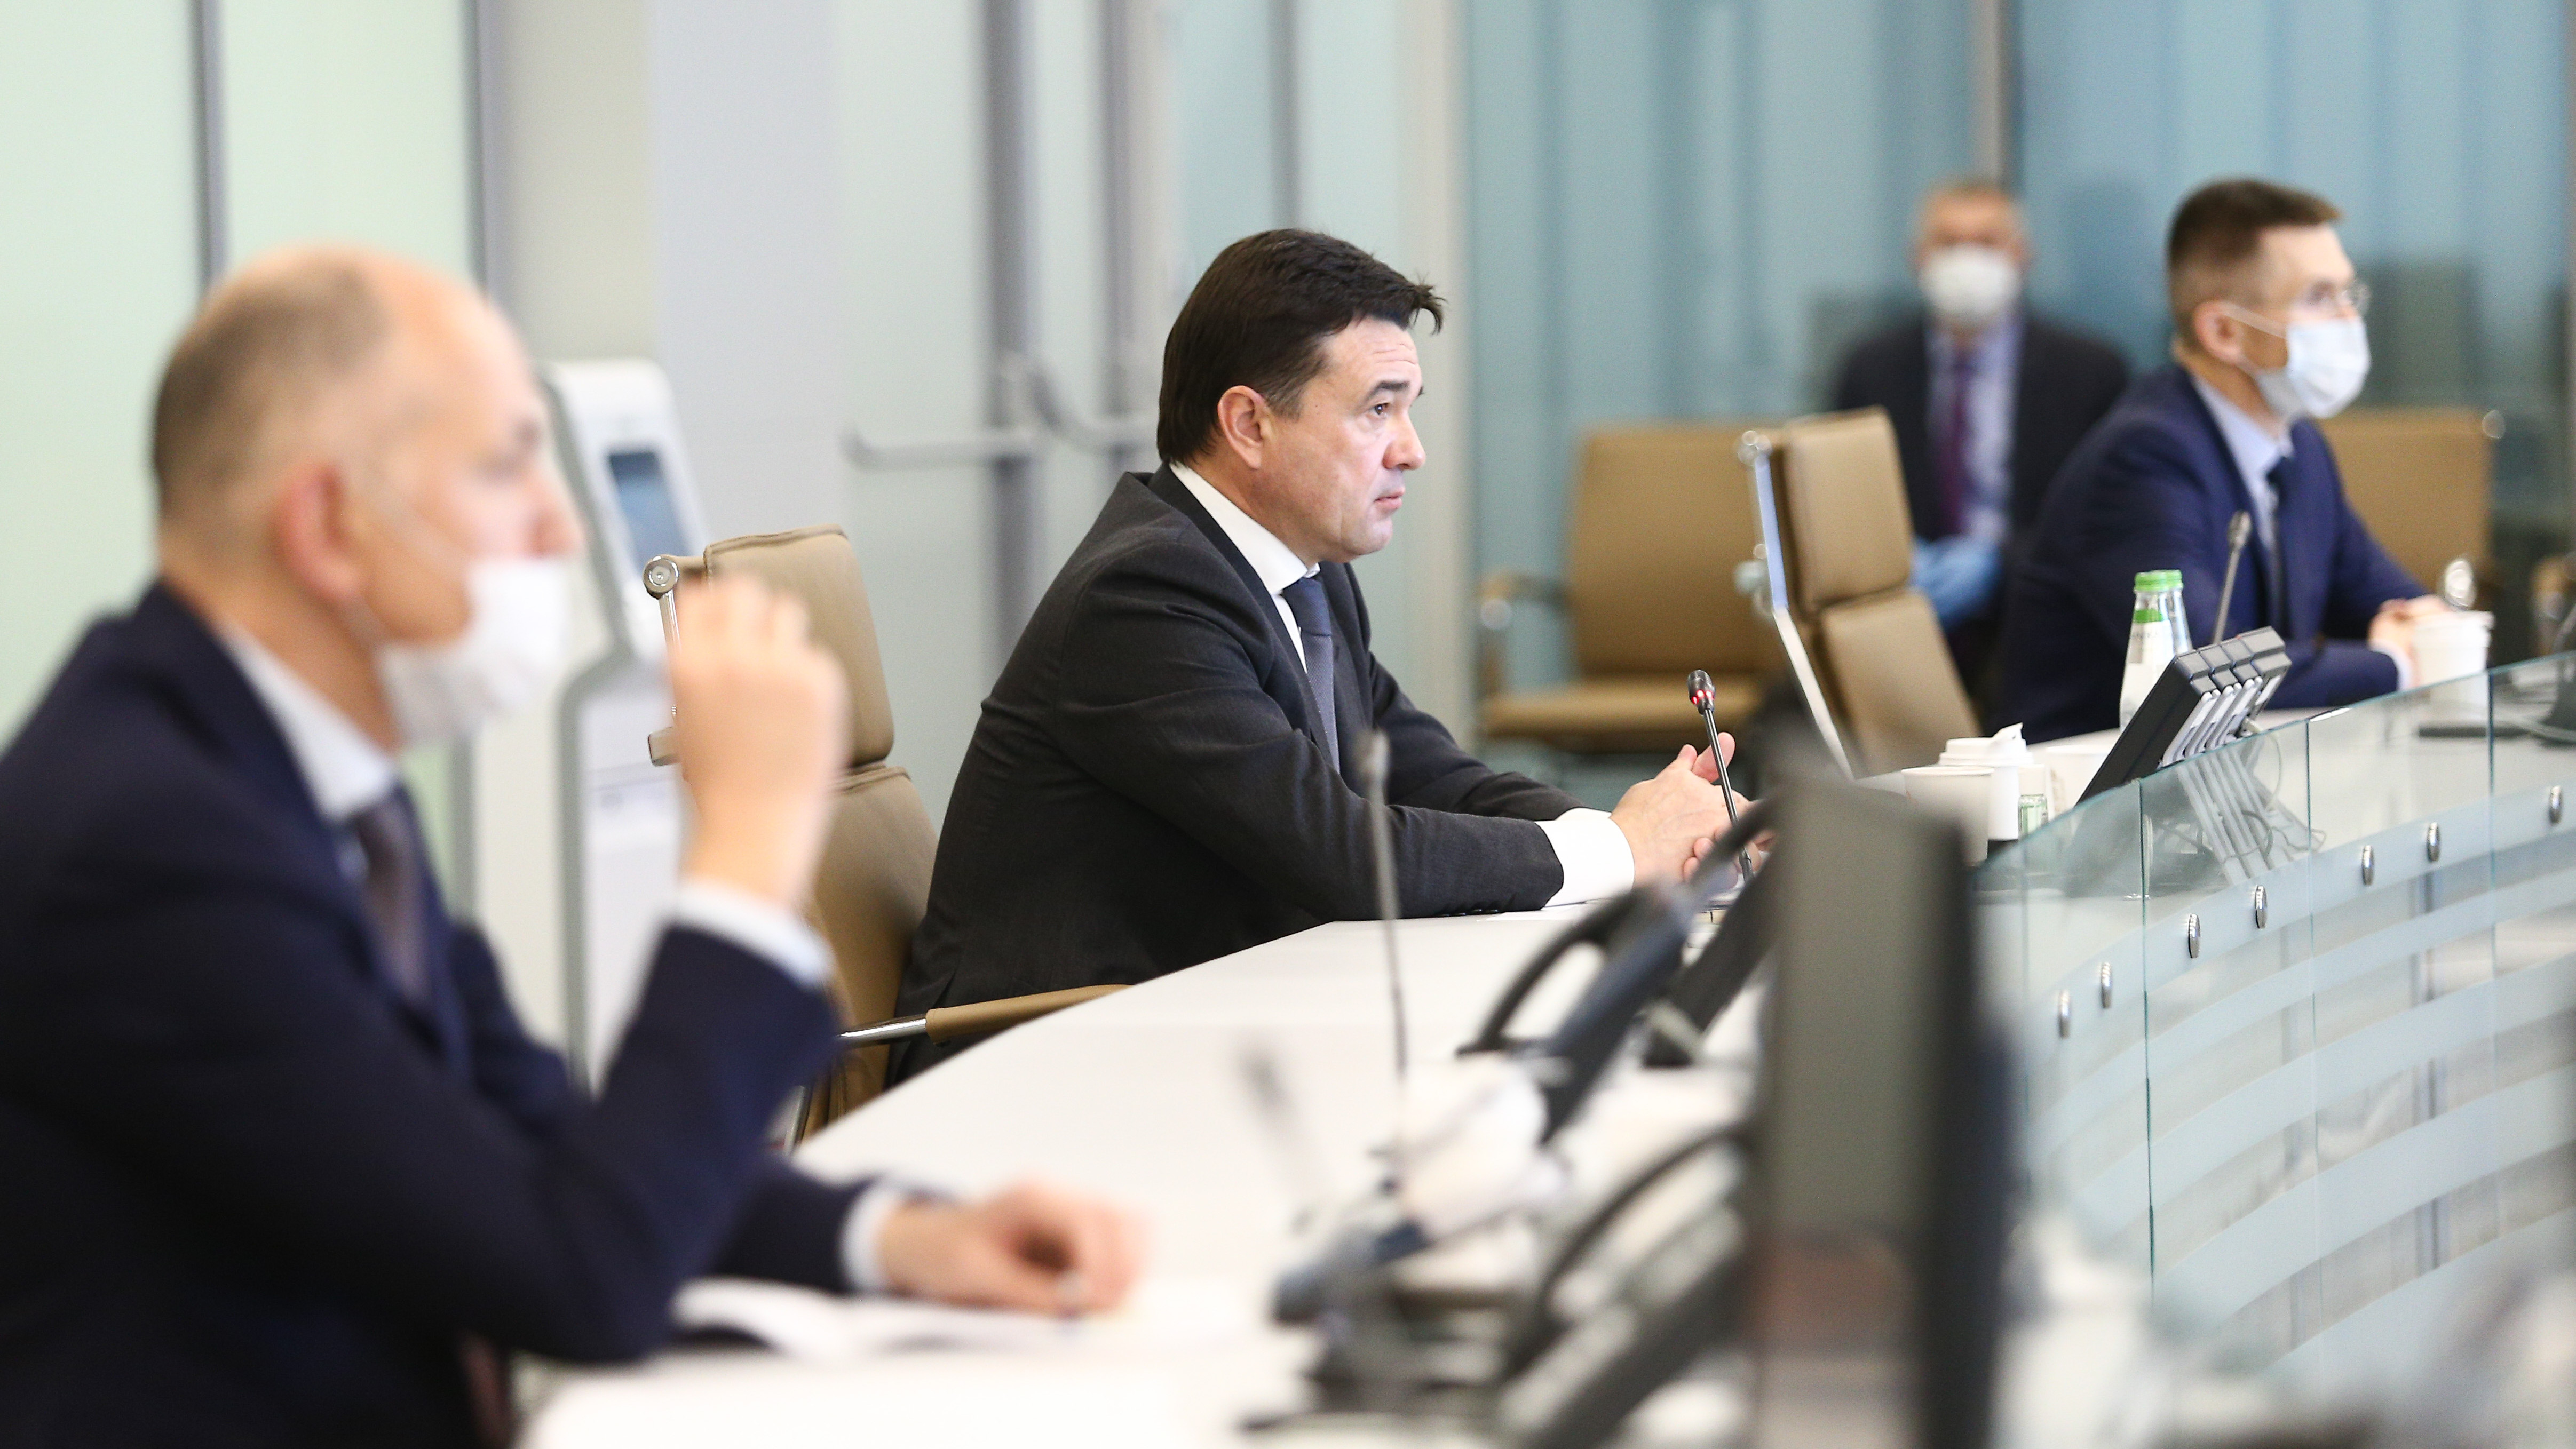 Губернатор провел совещание с членами правительства и главами округов